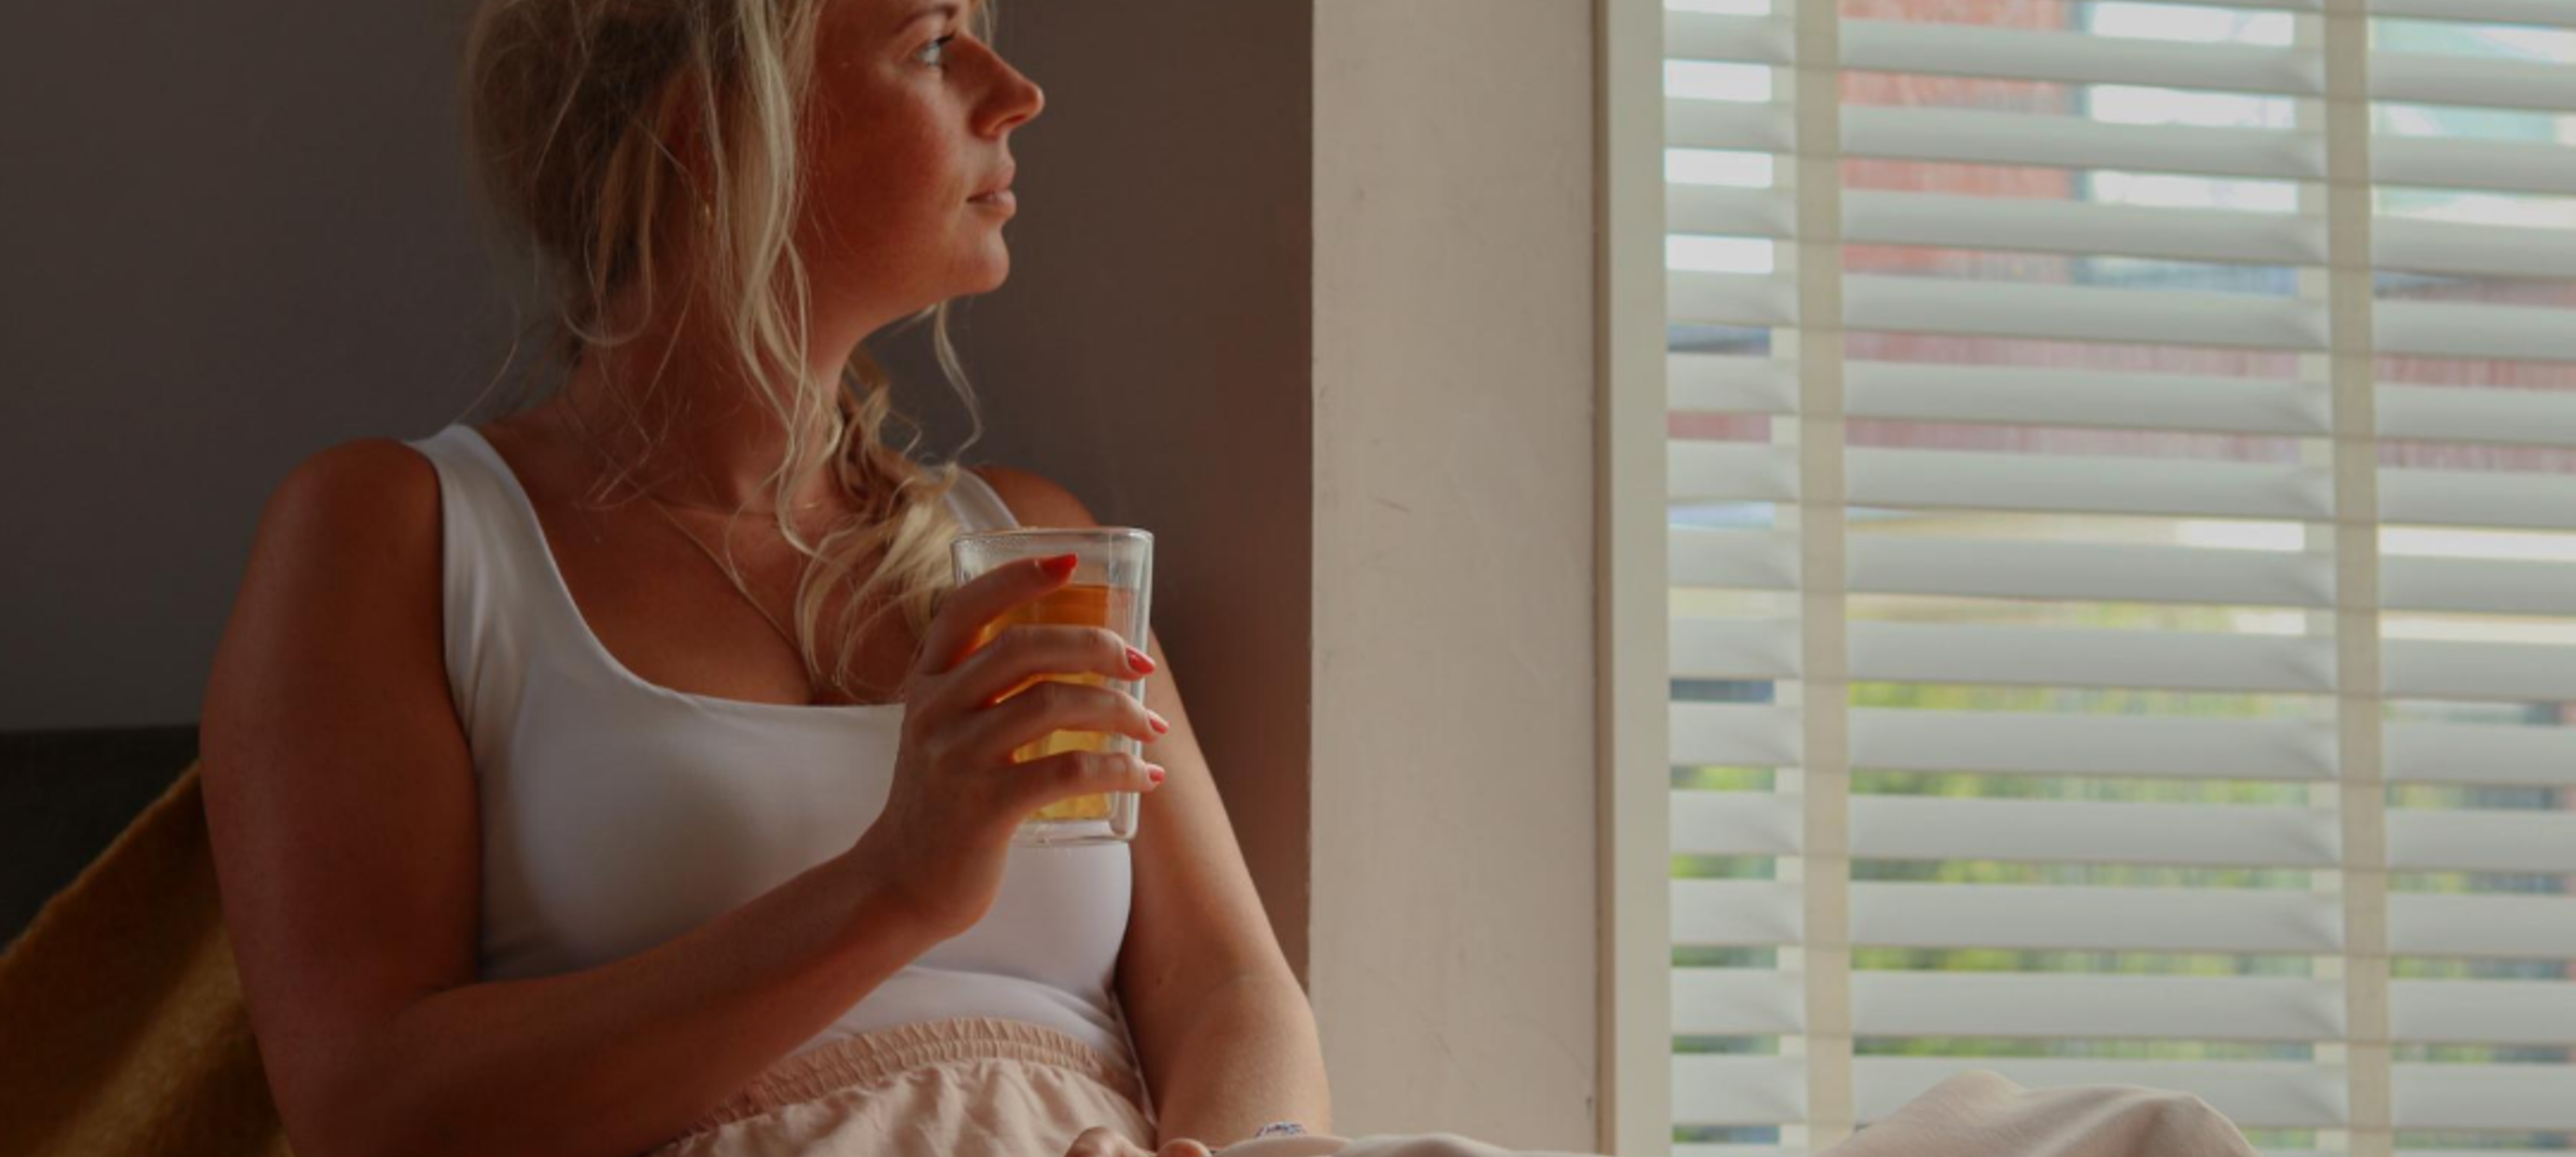 Vergeet bijtanken op vakantie: niks gezonder dan een moment voor jezelf!